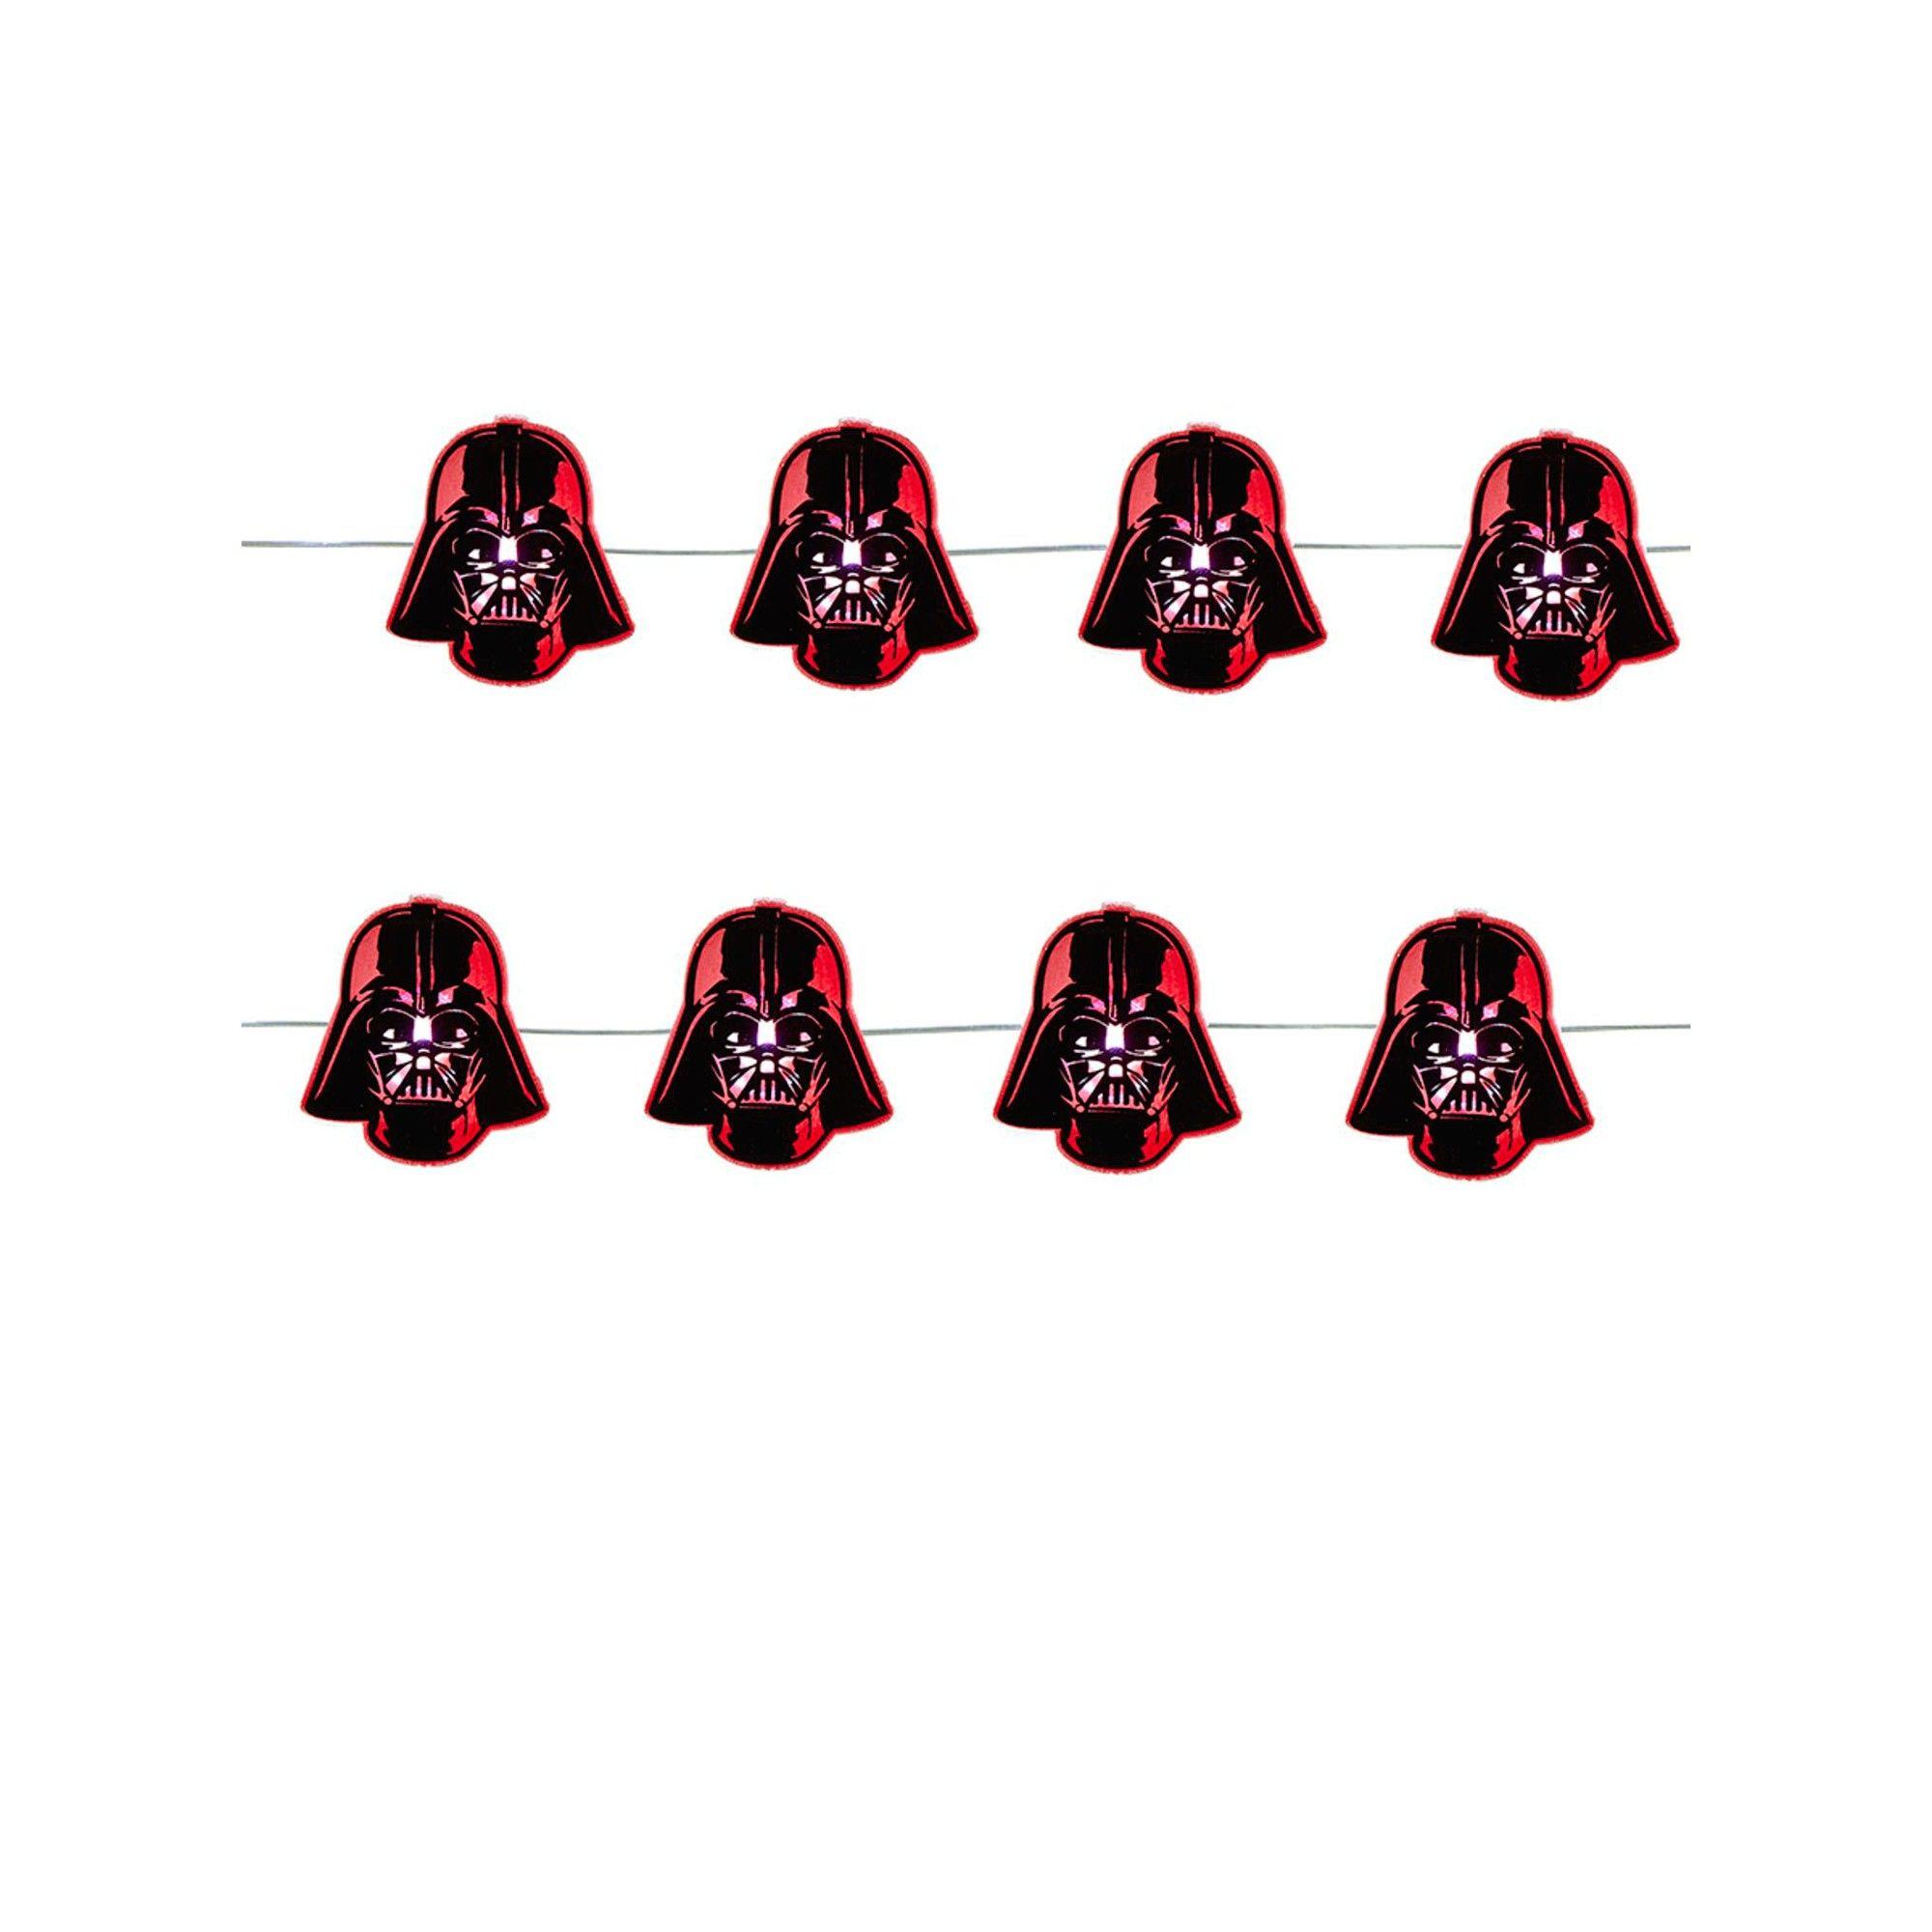 Kurt S. Adler Set of 20 Battery Operated Led Star Wars